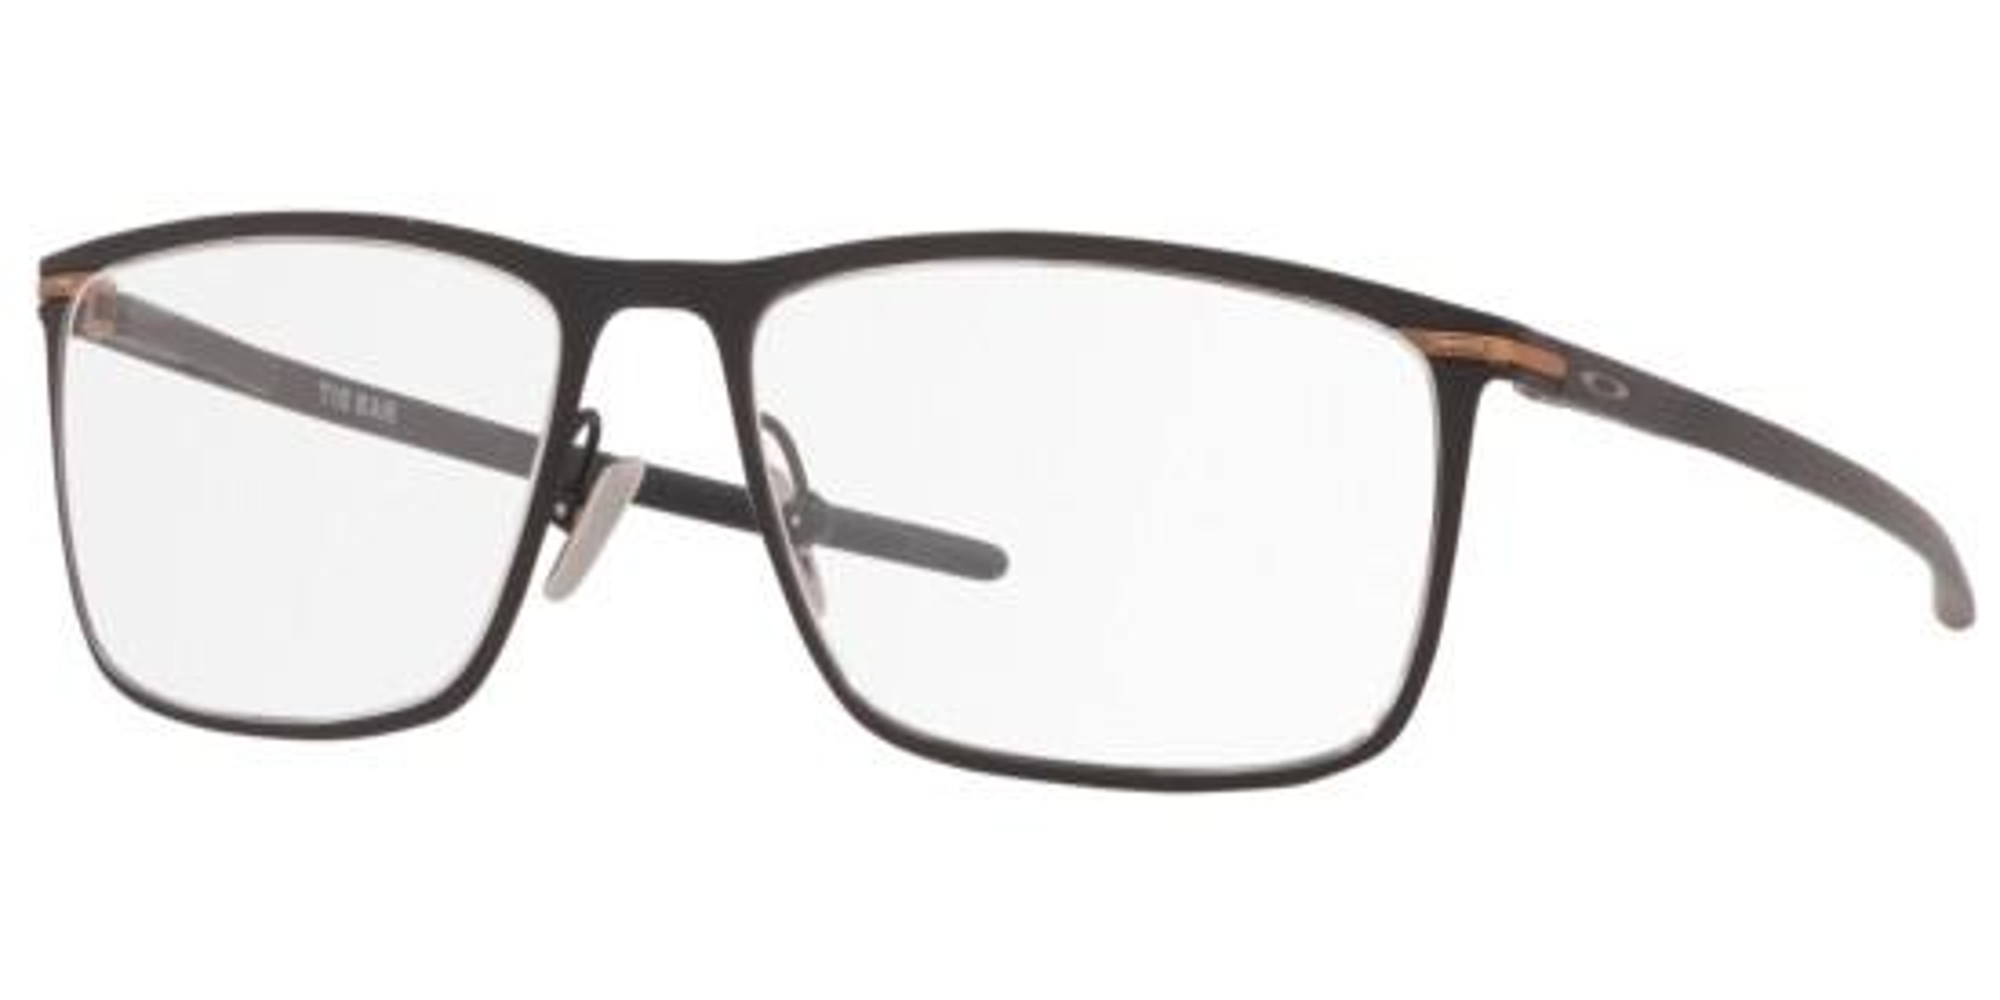 Oakley eyeglasses TIE BAR OX 5138